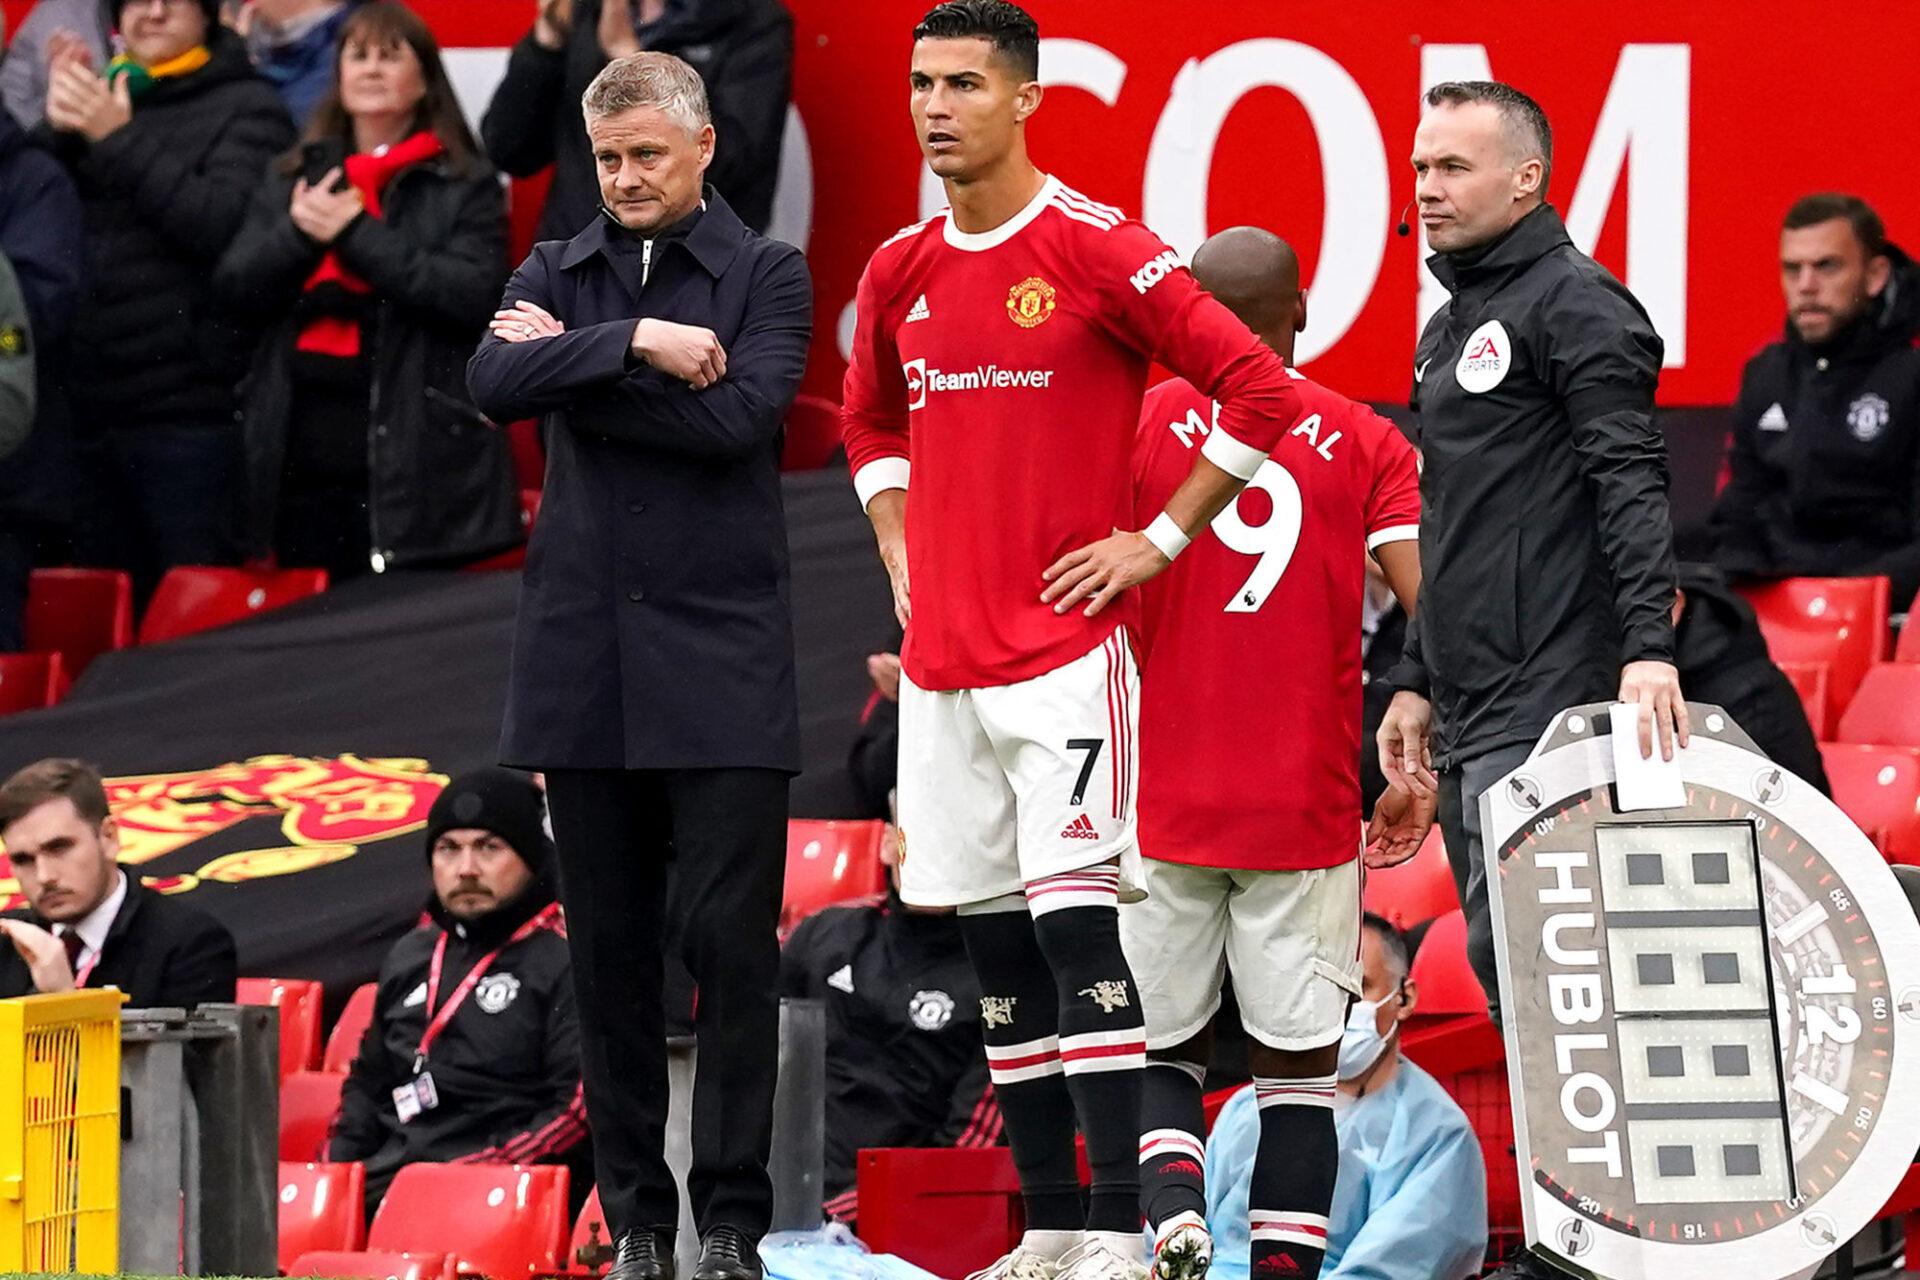 Cristiano Ronaldo a démarré la rencontre sur le banc contre Everton, et il n'a pas pu aider Manchester United à ramener la victoire après son entrée en jeu. Icon Sport